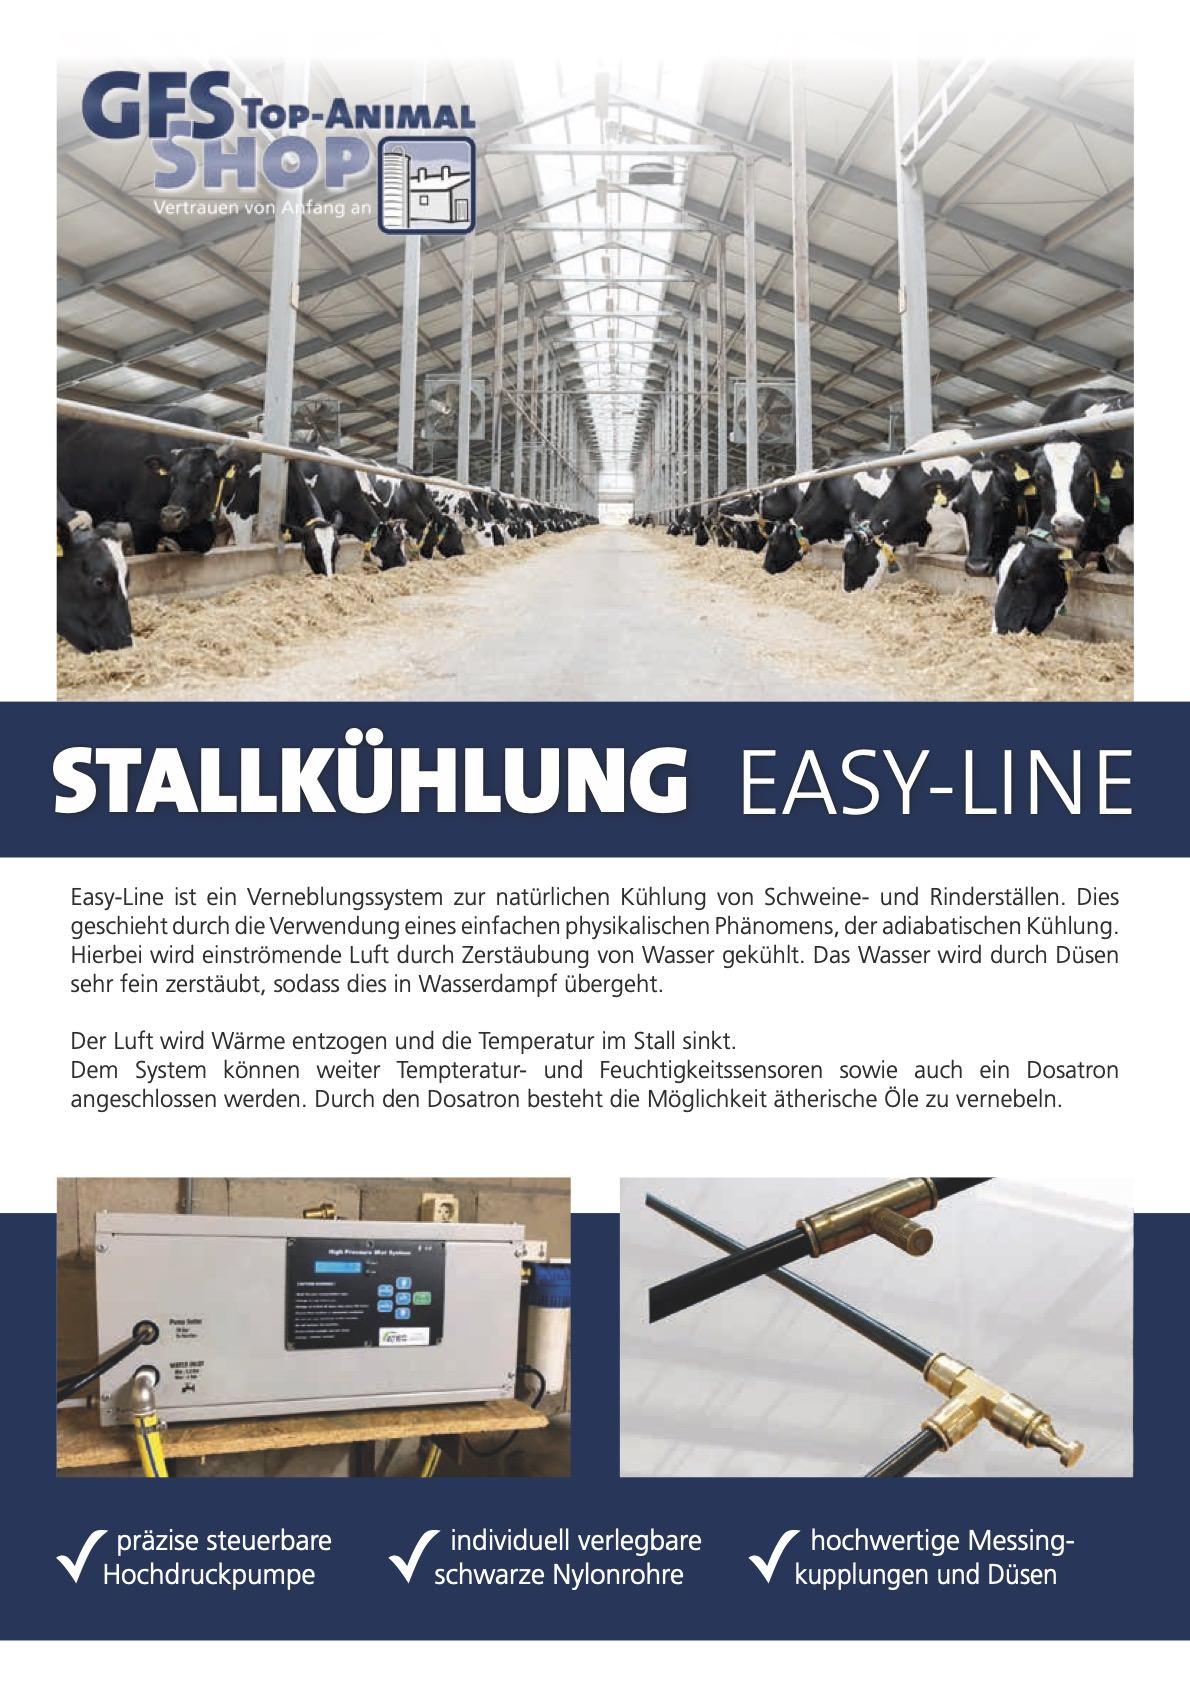 Stallkühlung Easy-Line Rind